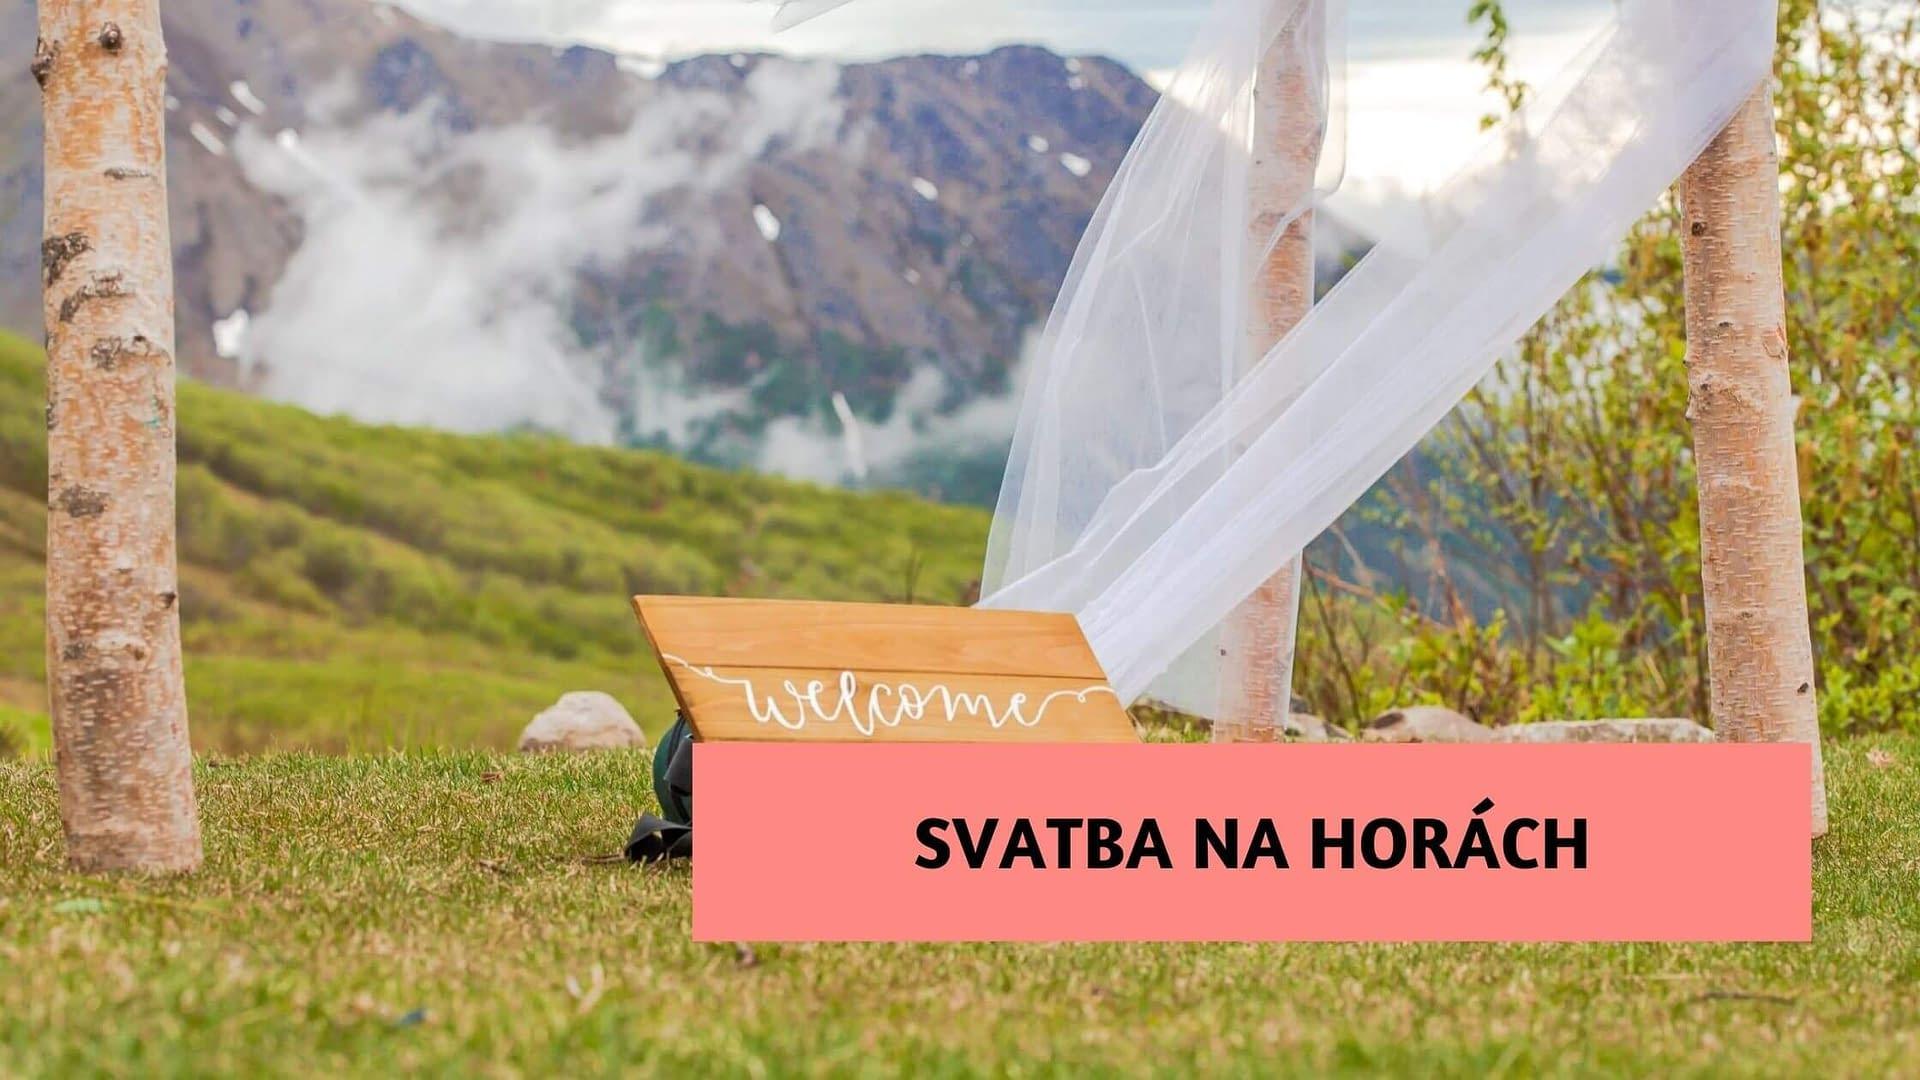 Svatba na horách může být romantická v létě i v zimě